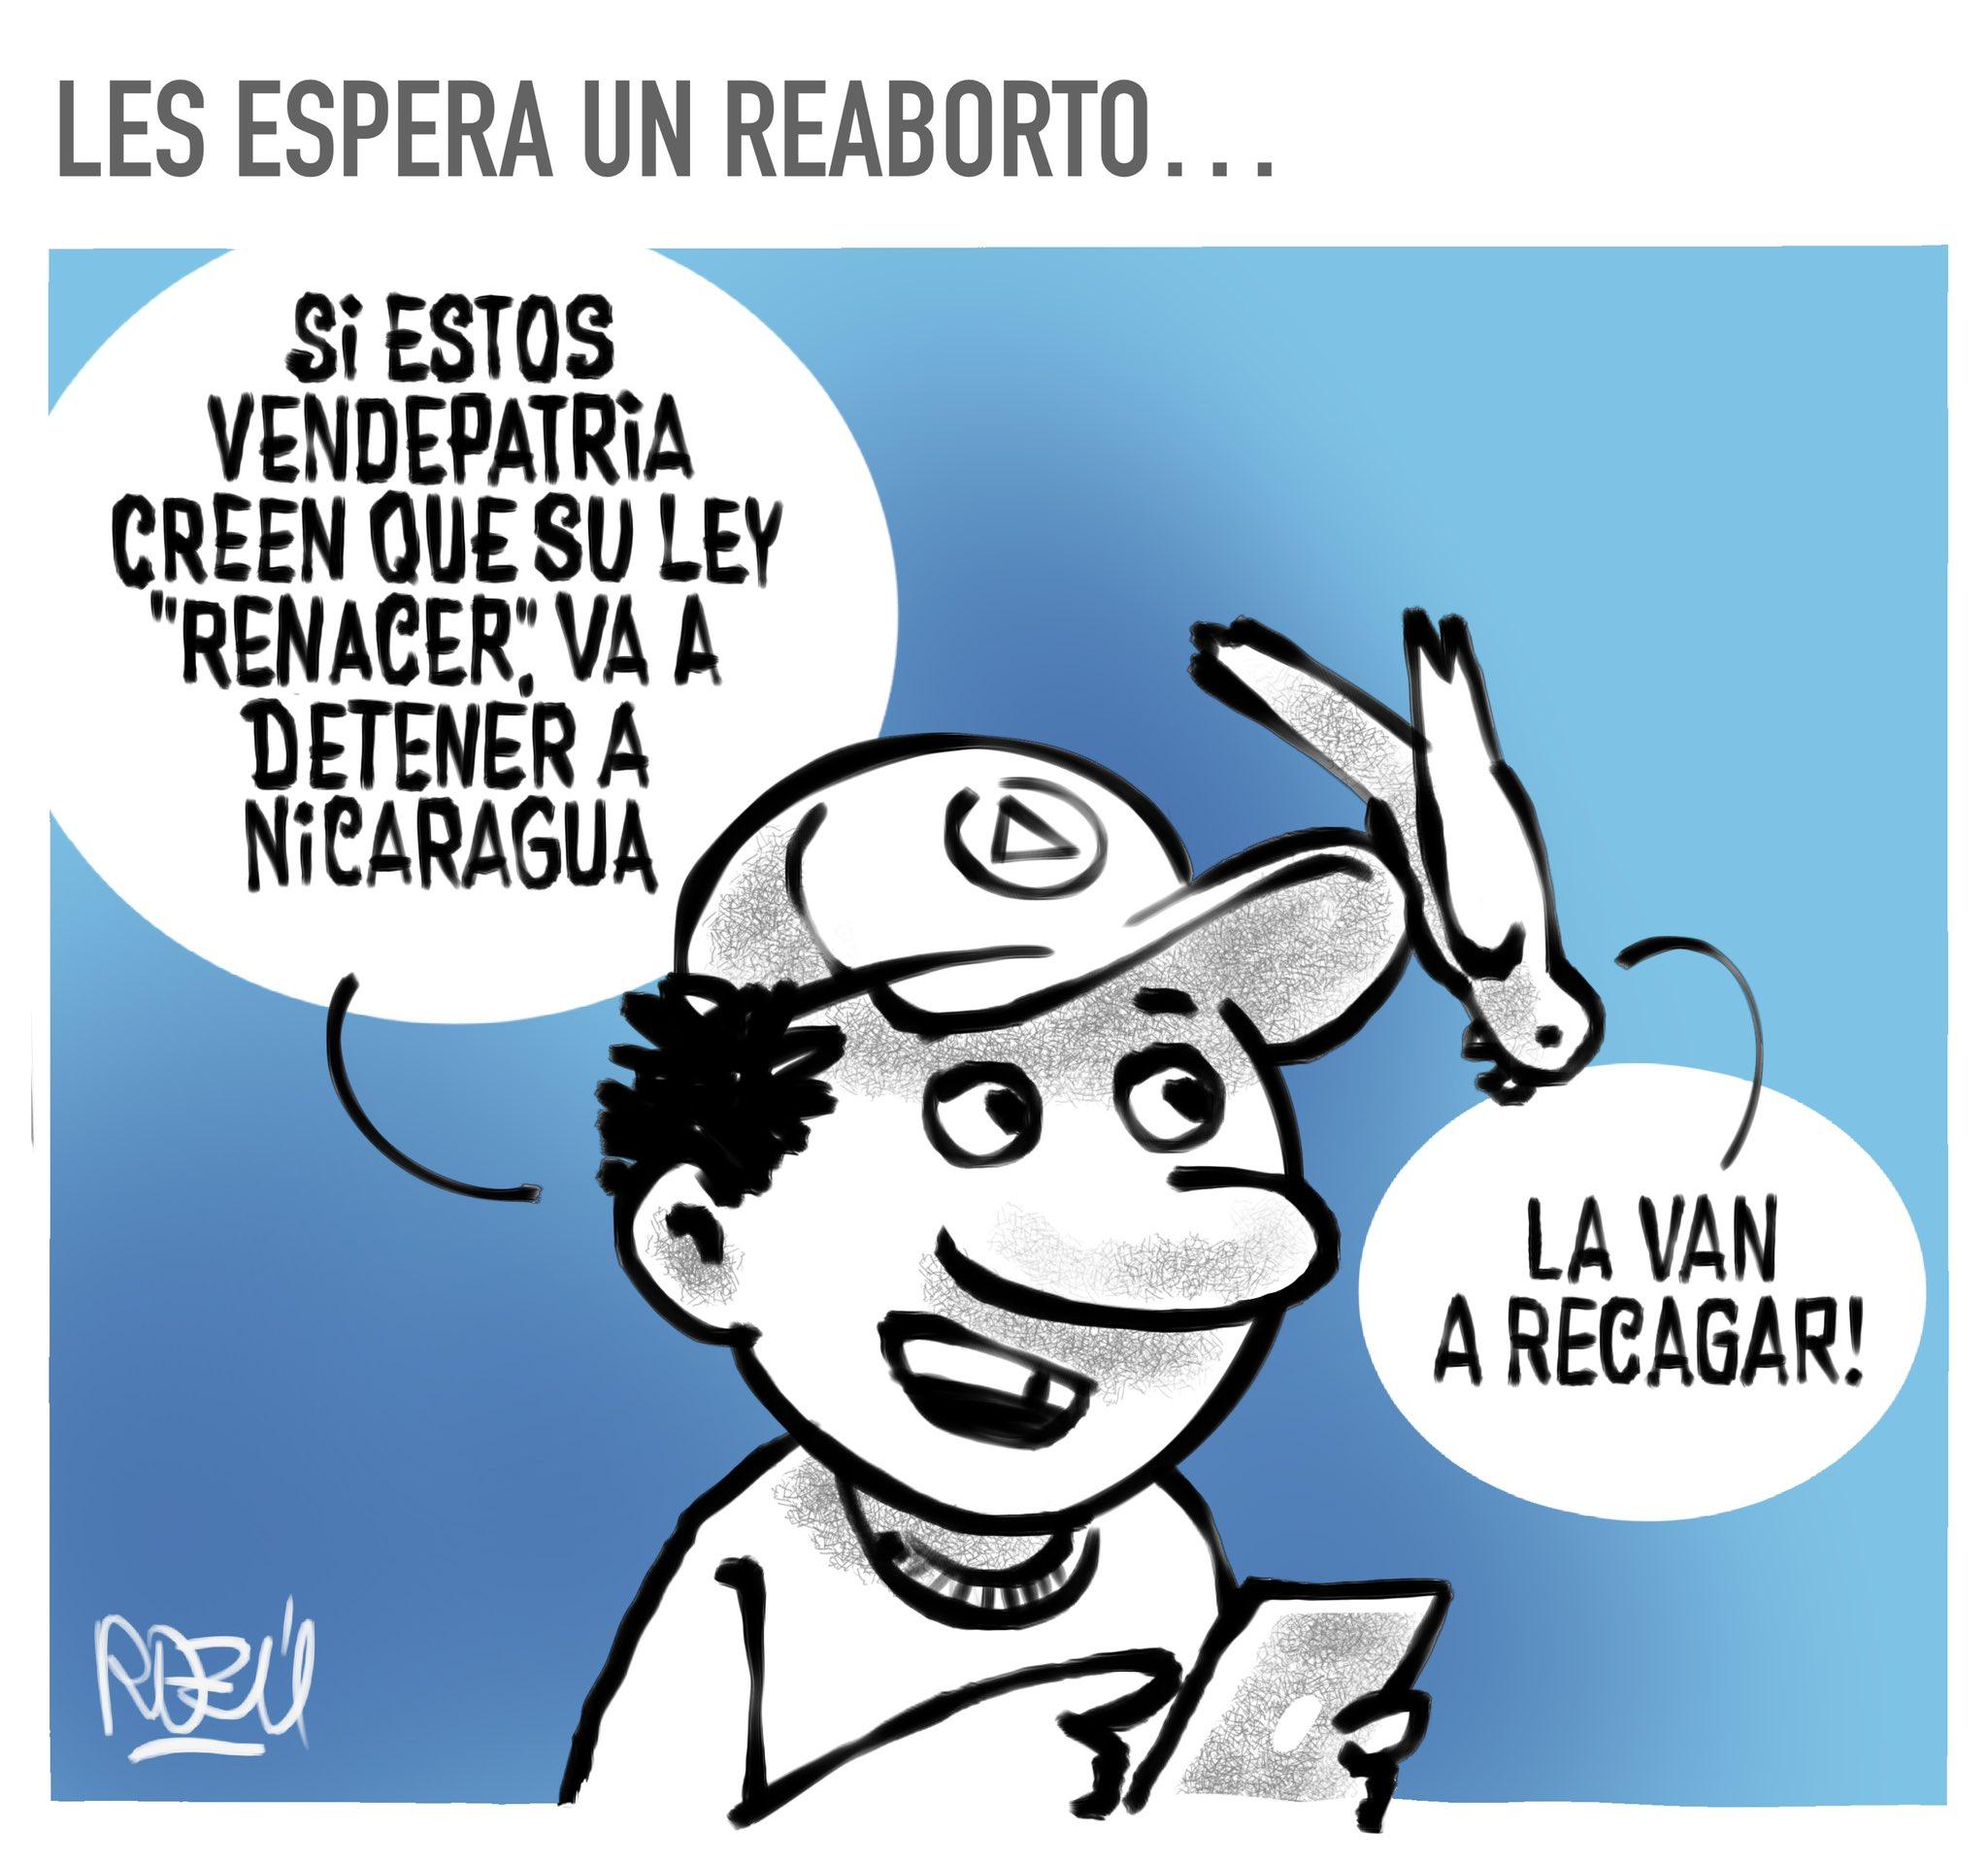 El duro bregar económico de Nicaragua Por Hedelberto López Blanch | Rebelión